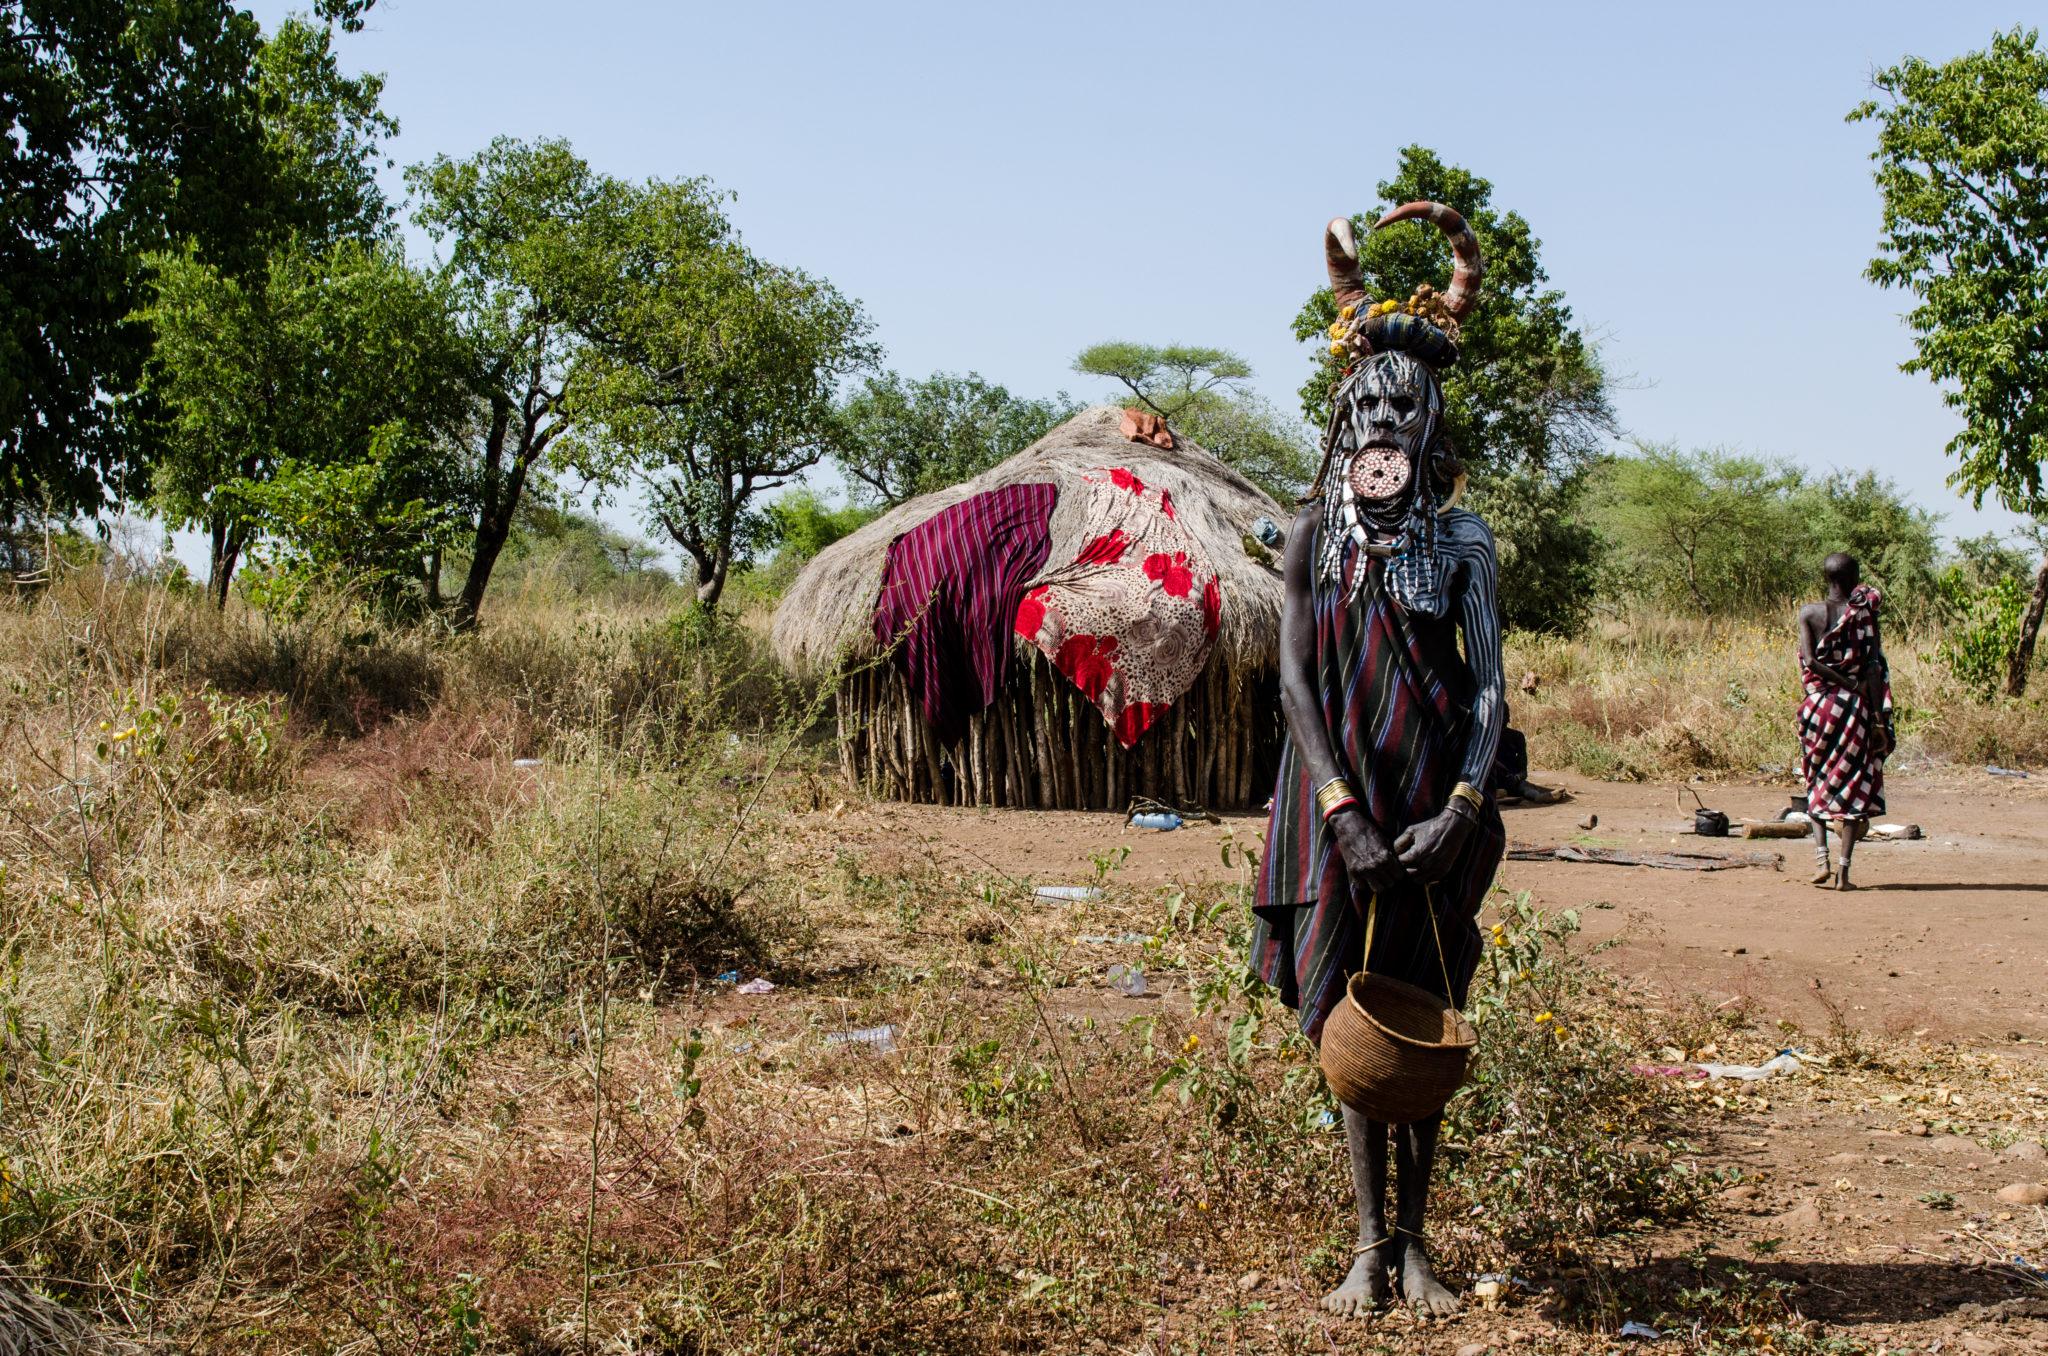 mursi-volk-aethiopien-frau-tellerlippen